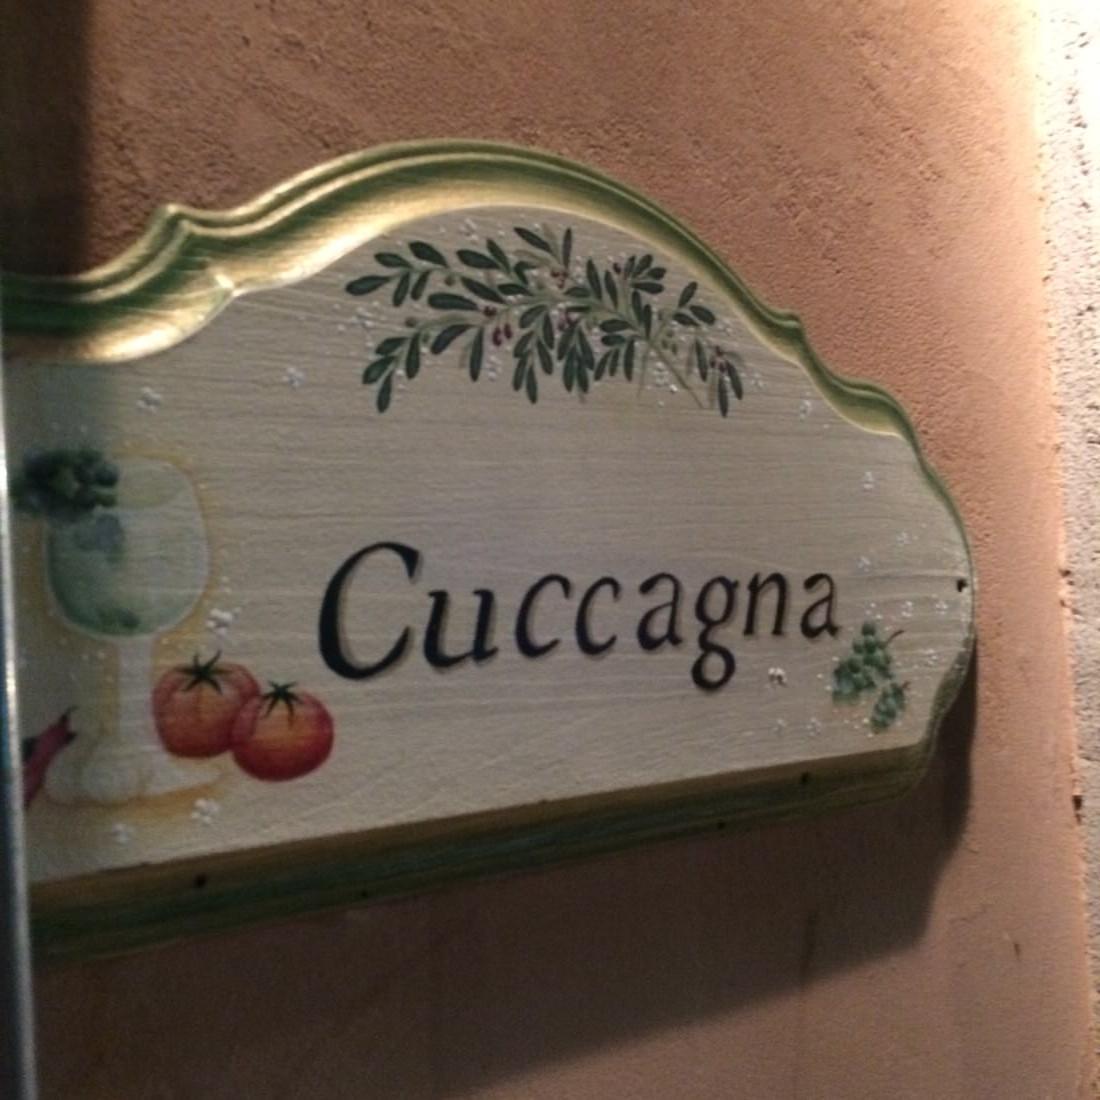 鳥羽で深夜まで営業しているイタリアン『Cuccagna/クッカーニャ』で贅沢ディナー